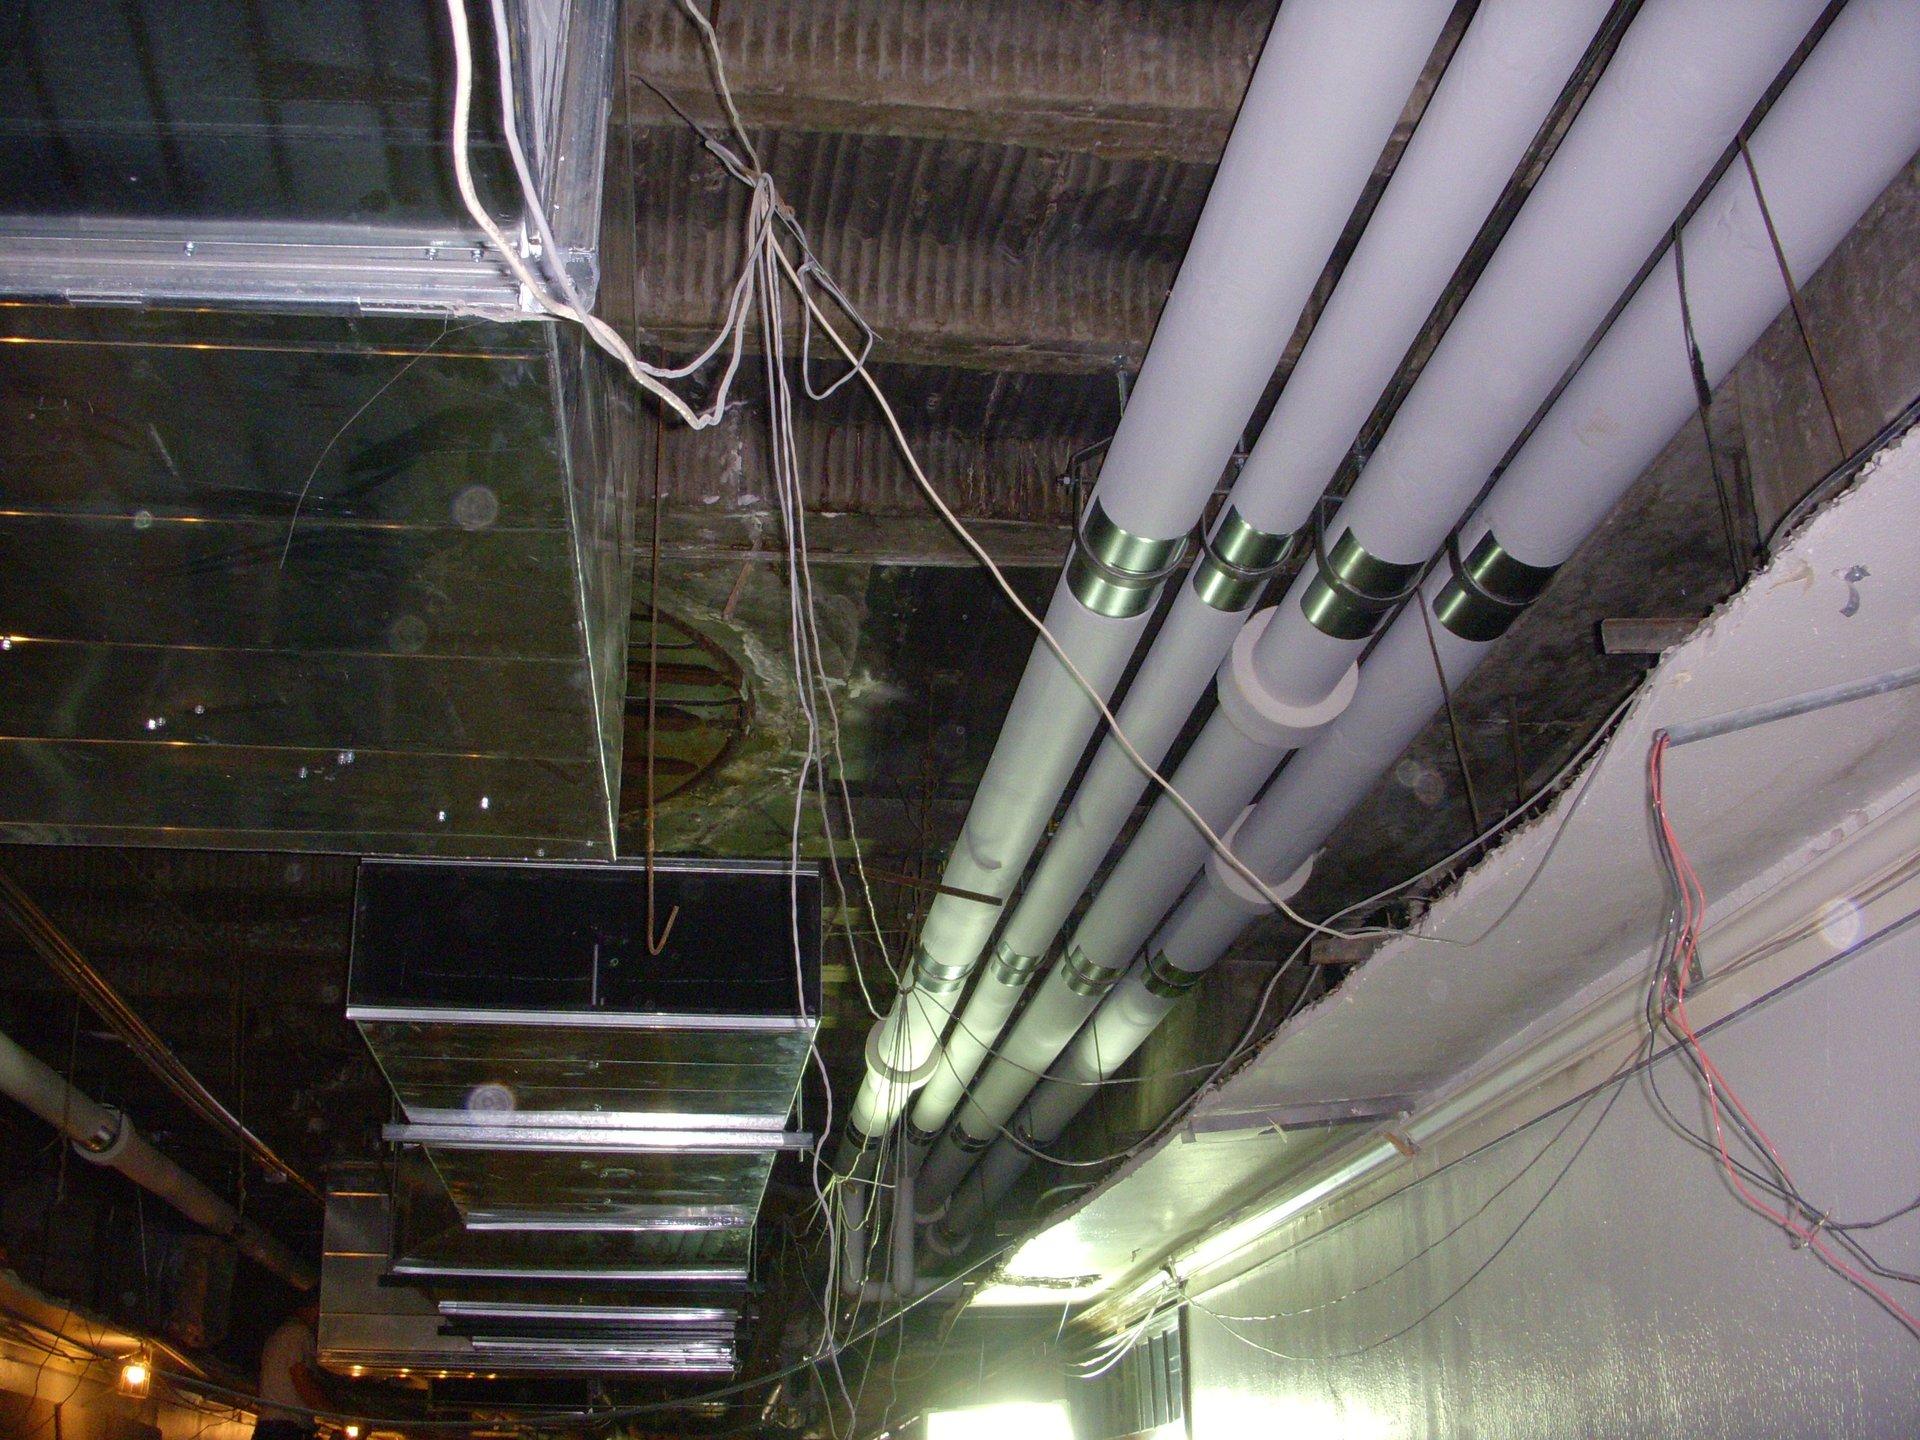 Kleeman Mechanical Inc. image 2